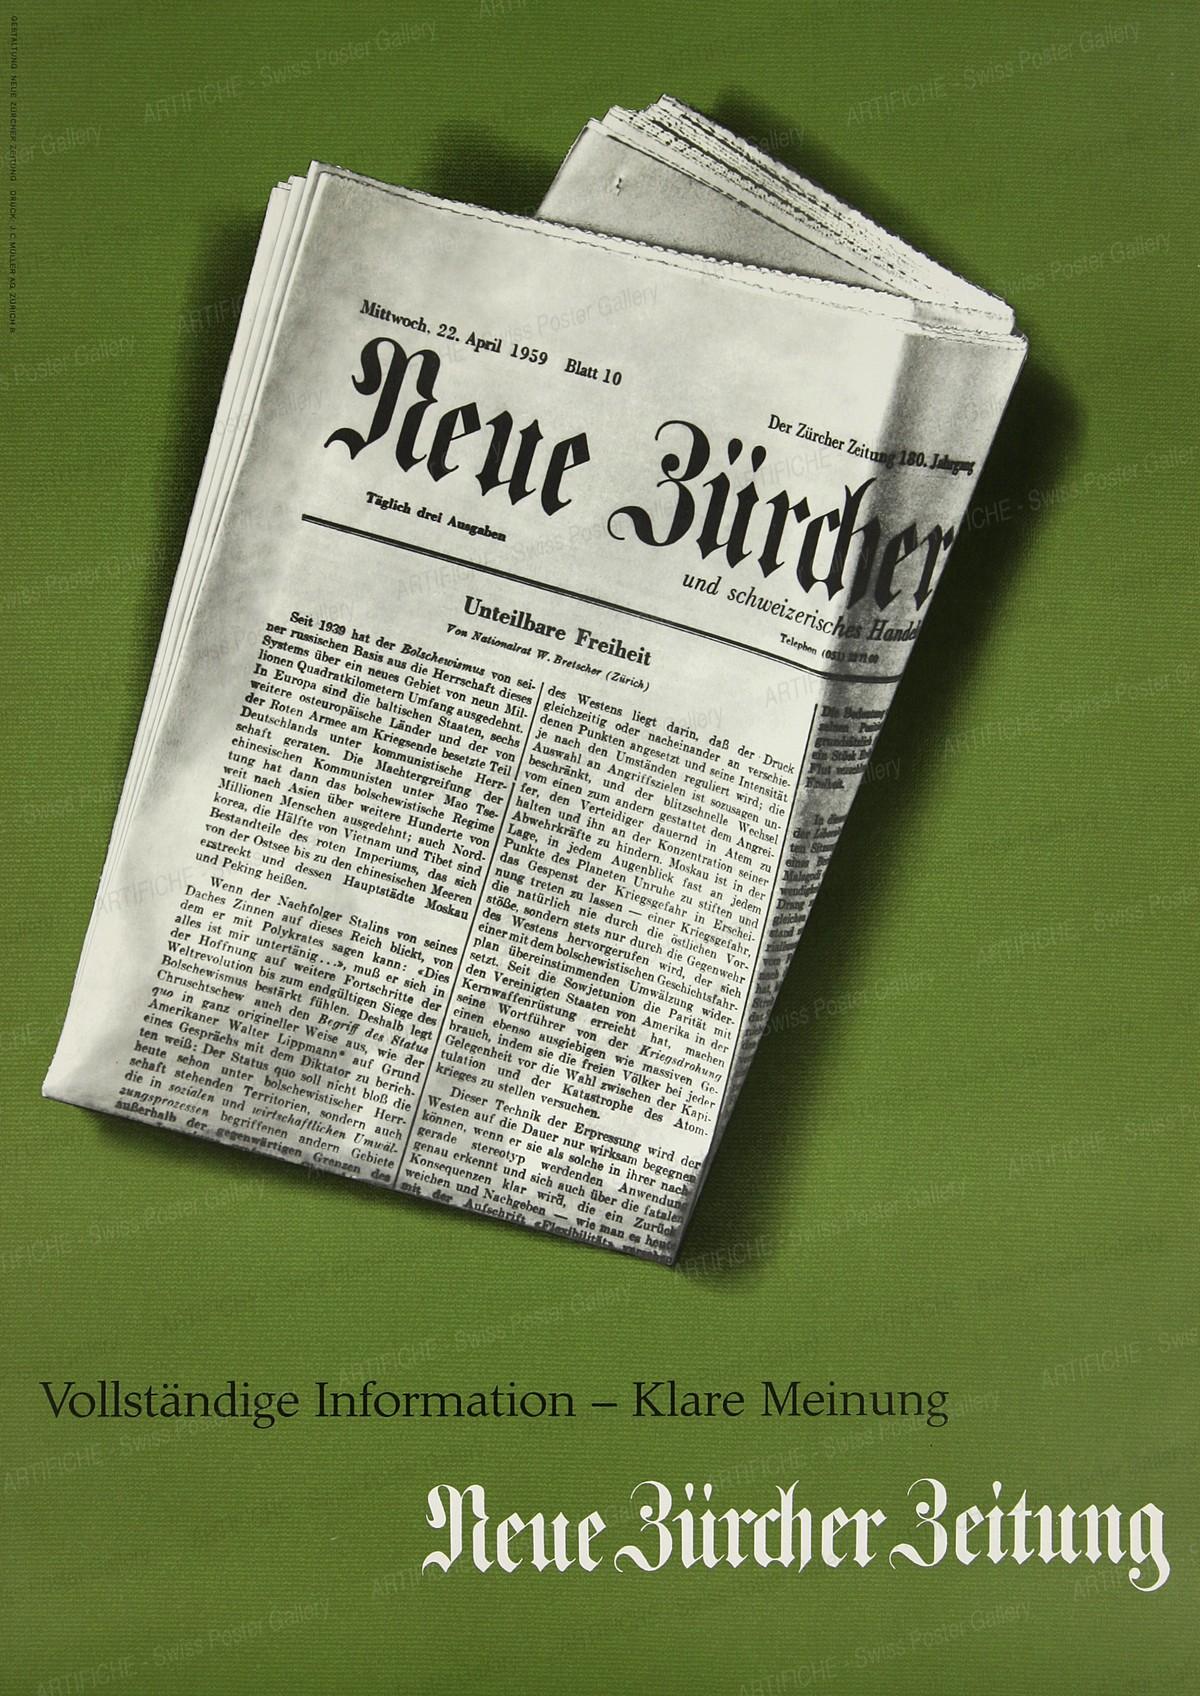 Neue Zürcher Zeitung – vollständige Information, klare Meinung, Hermann Suter